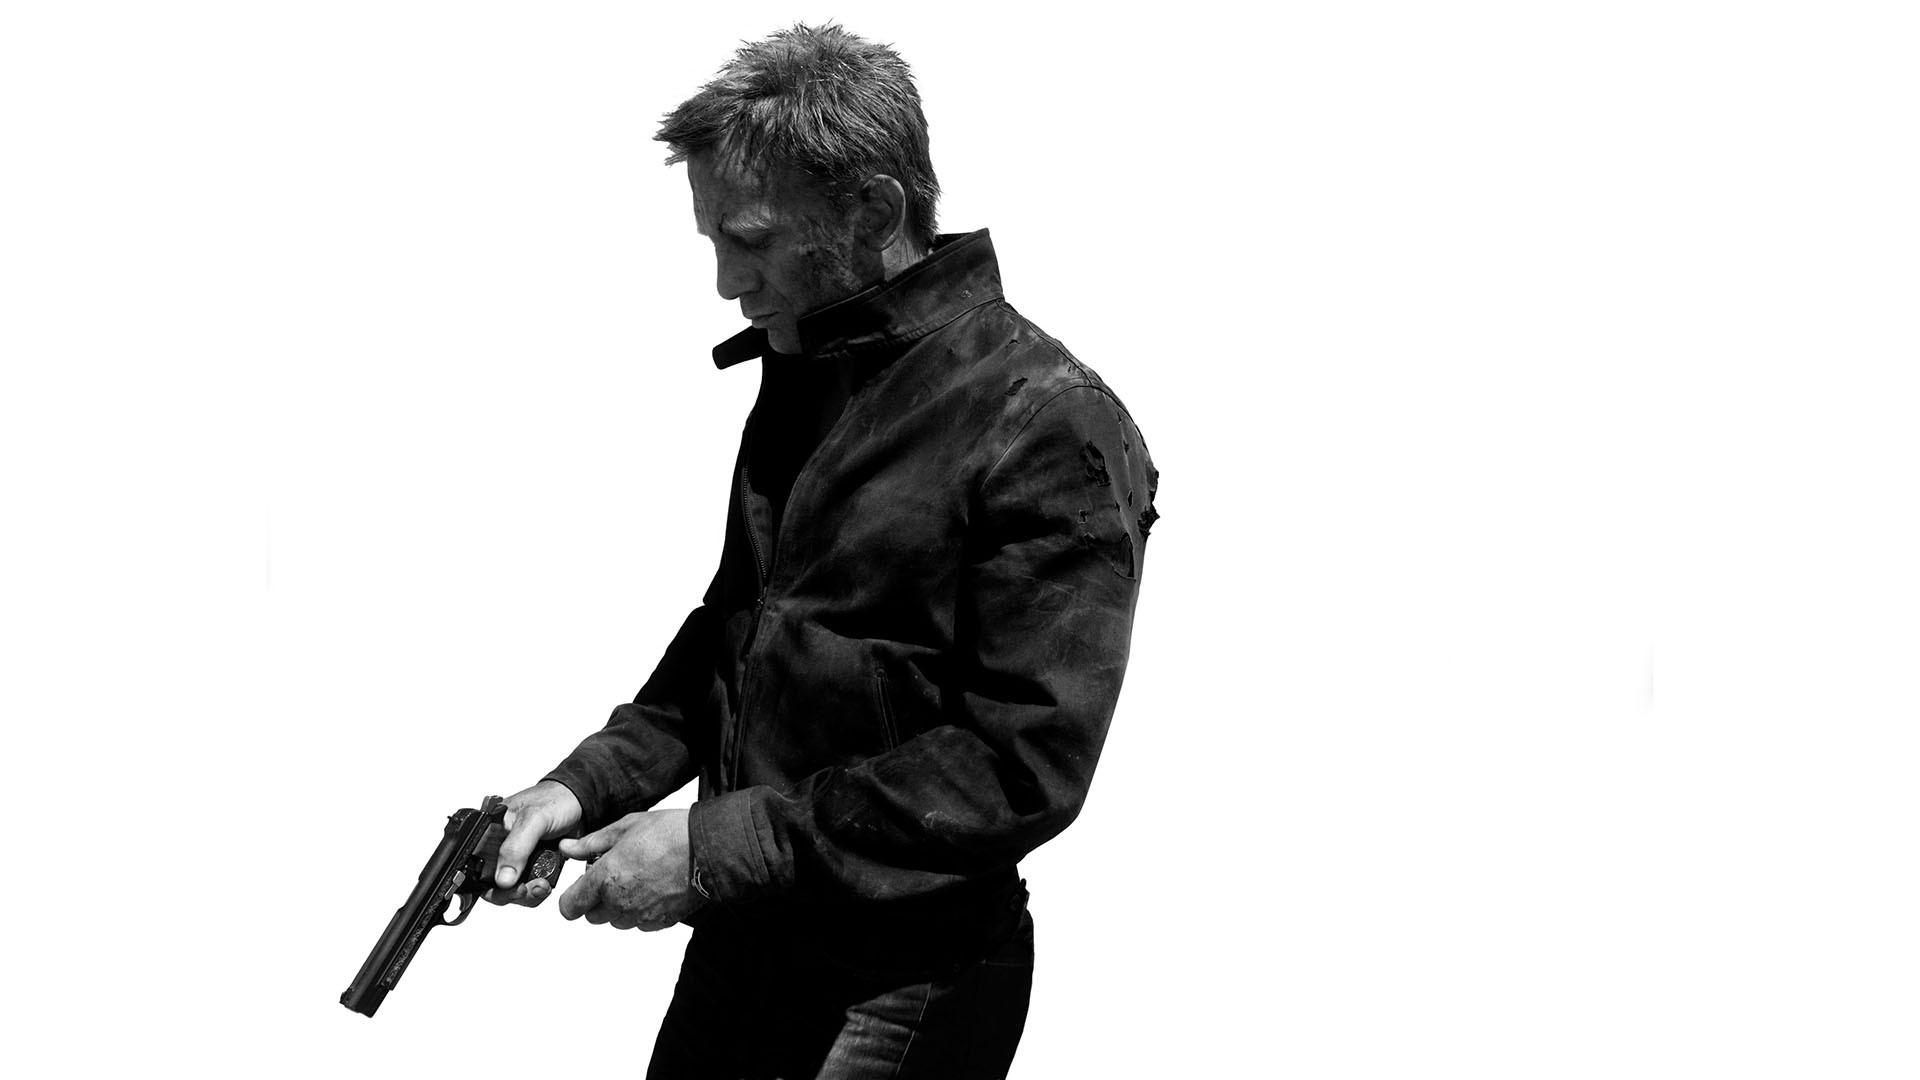 James Bond Iphone Wallpaper Wallpapersafari